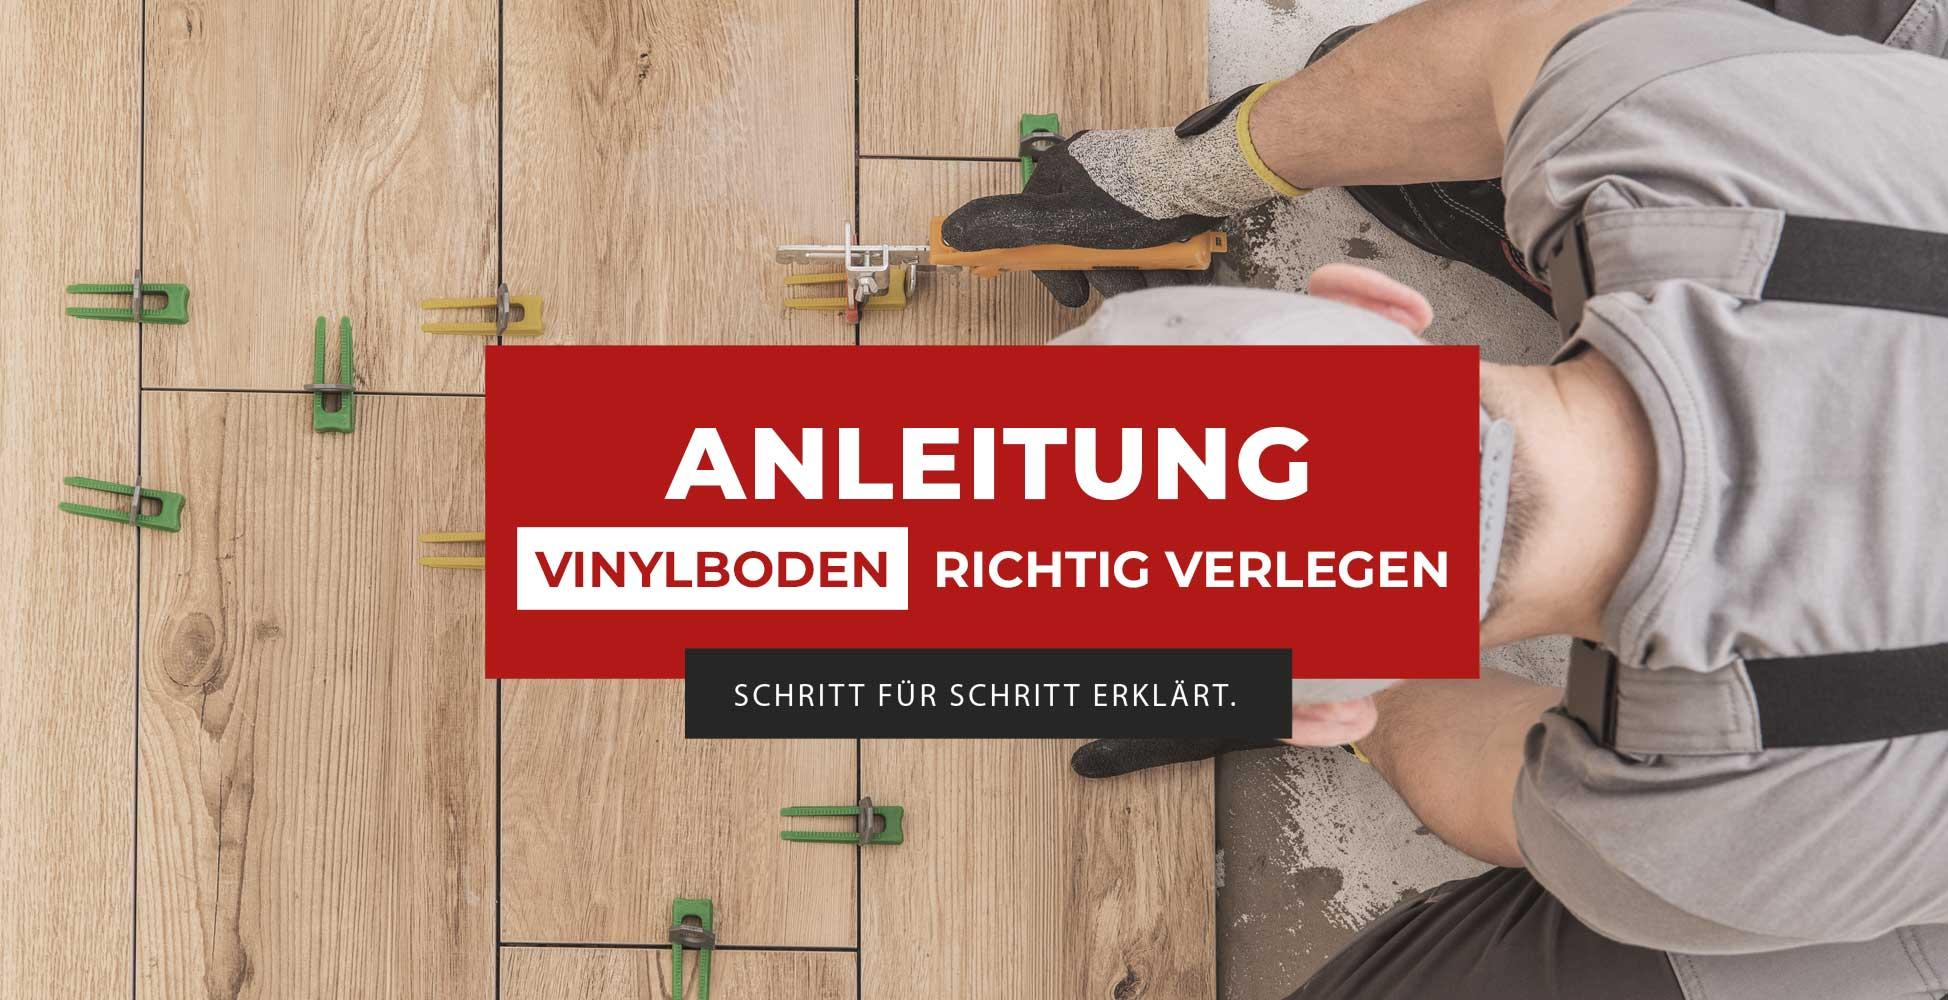 vinylboden verlegen – anleitung vom profi